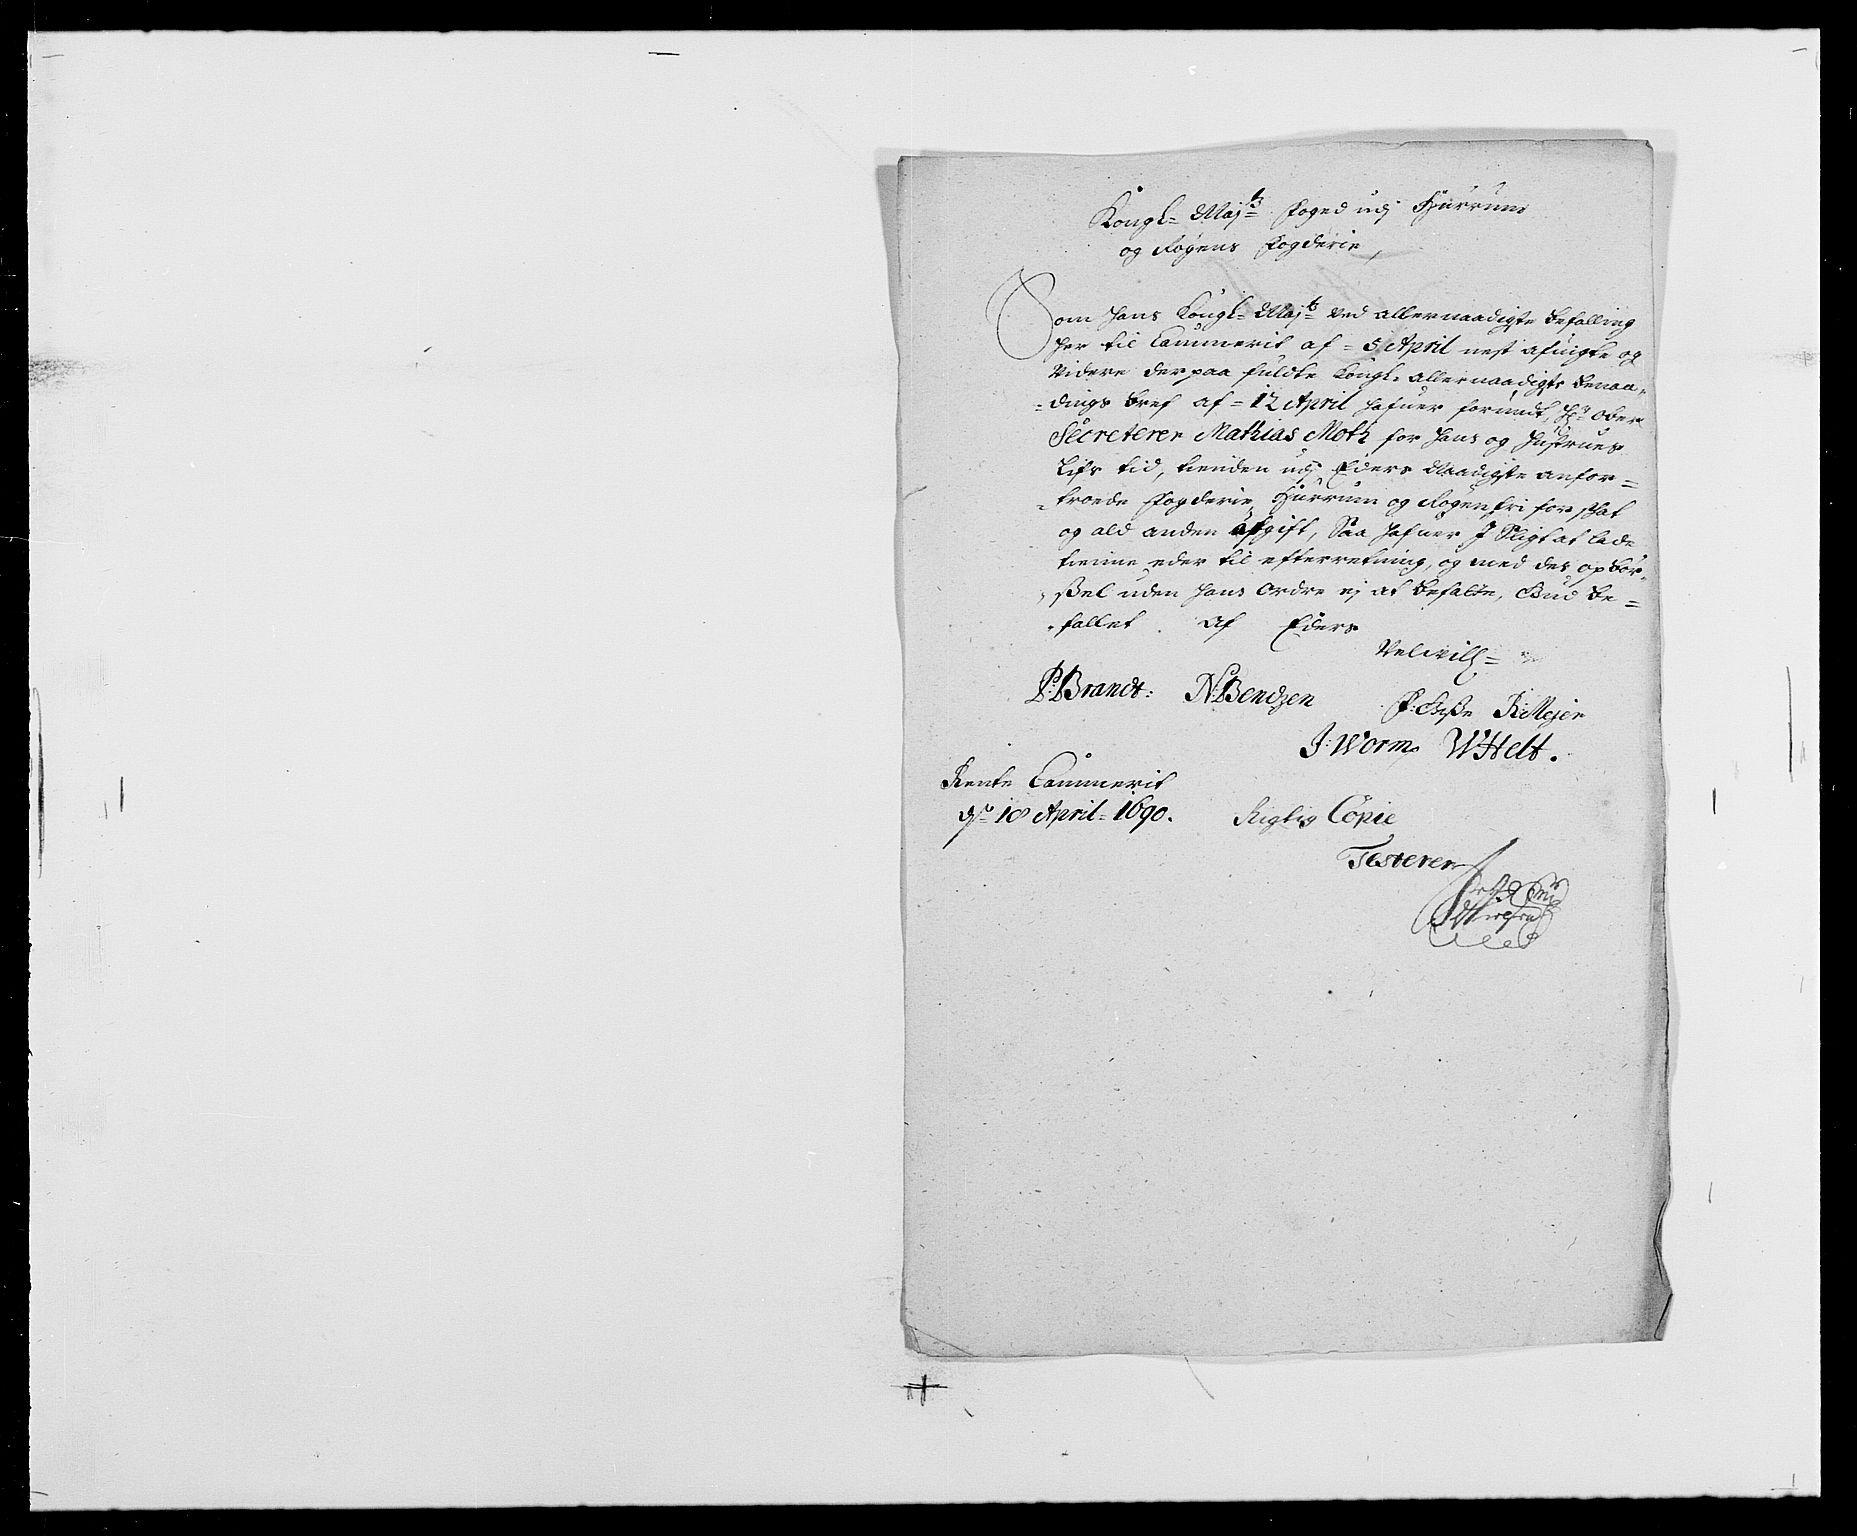 RA, Rentekammeret inntil 1814, Reviderte regnskaper, Fogderegnskap, R29/L1693: Fogderegnskap Hurum og Røyken, 1688-1693, s. 197